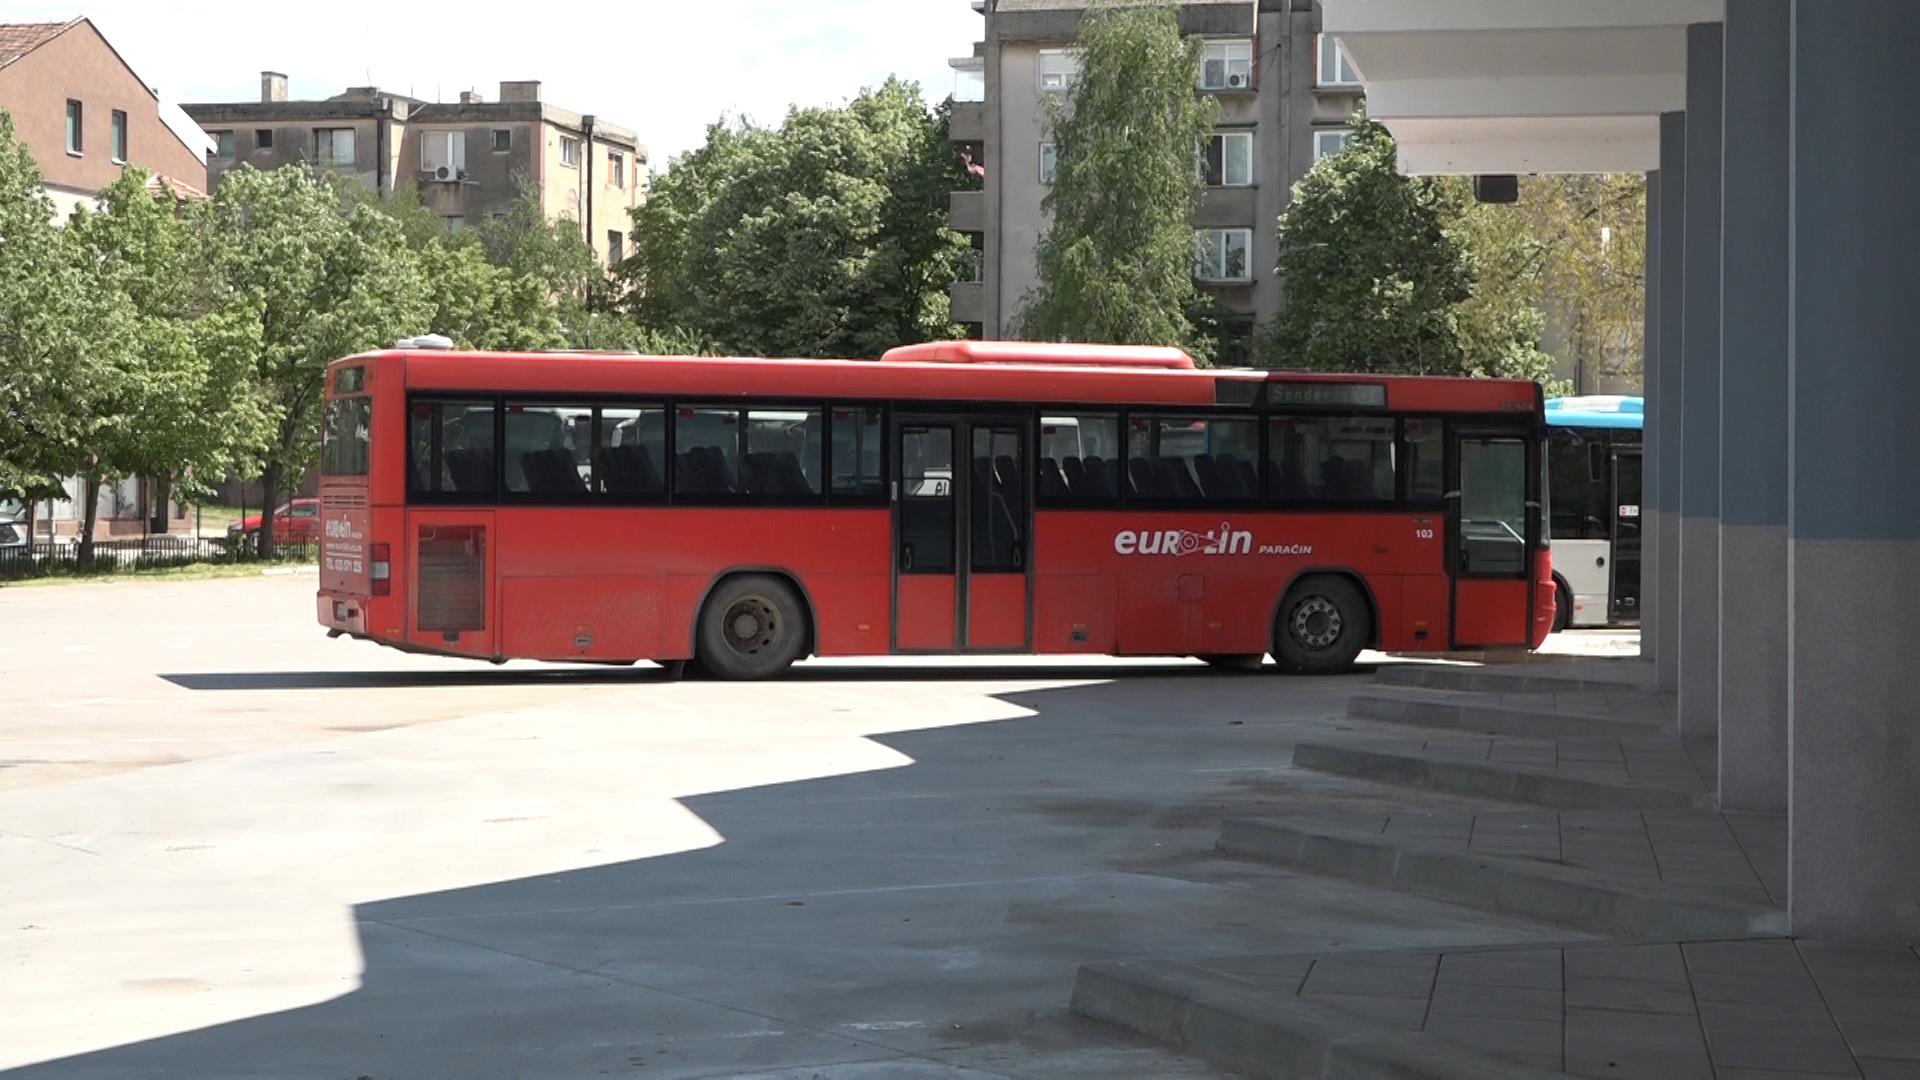 Ponovno uspostavljanje autobuskog saobraćaja